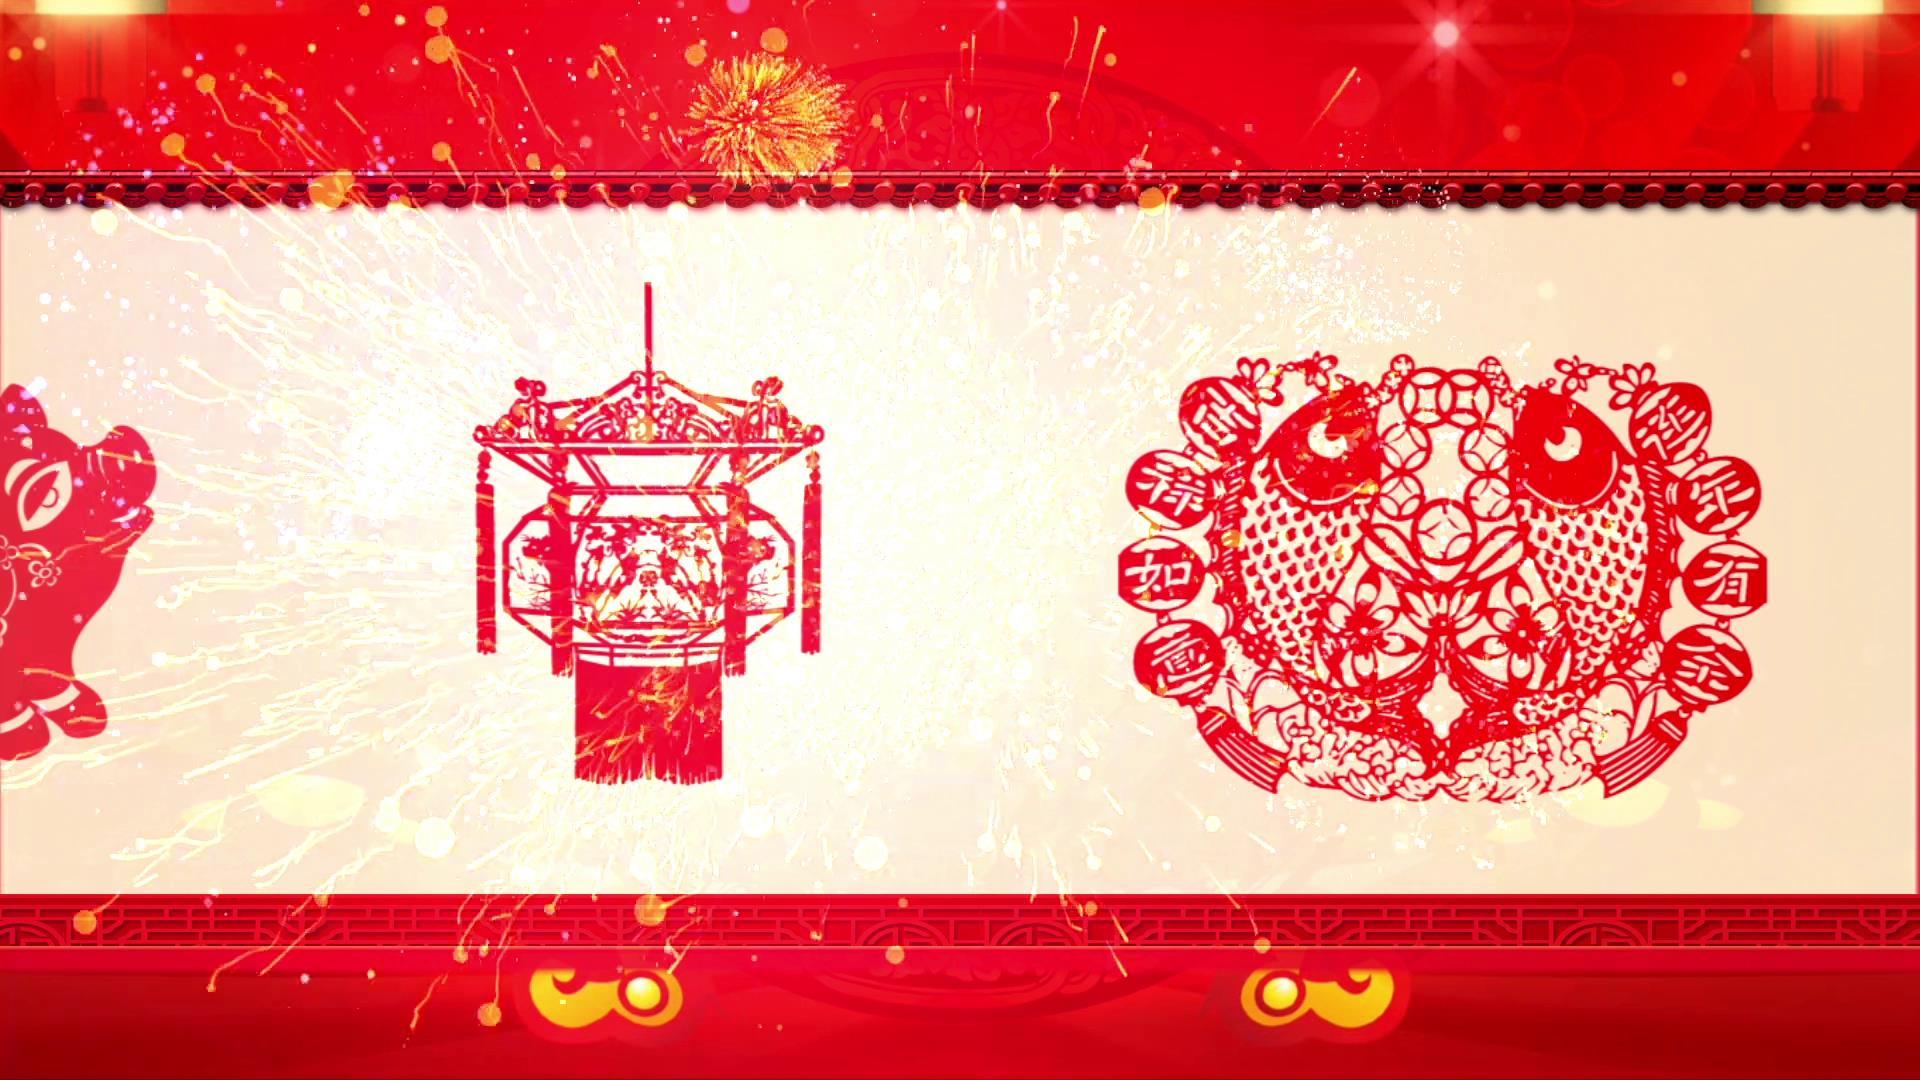 2019猪年喜庆中国风剪纸窗花滚动新年视频素材